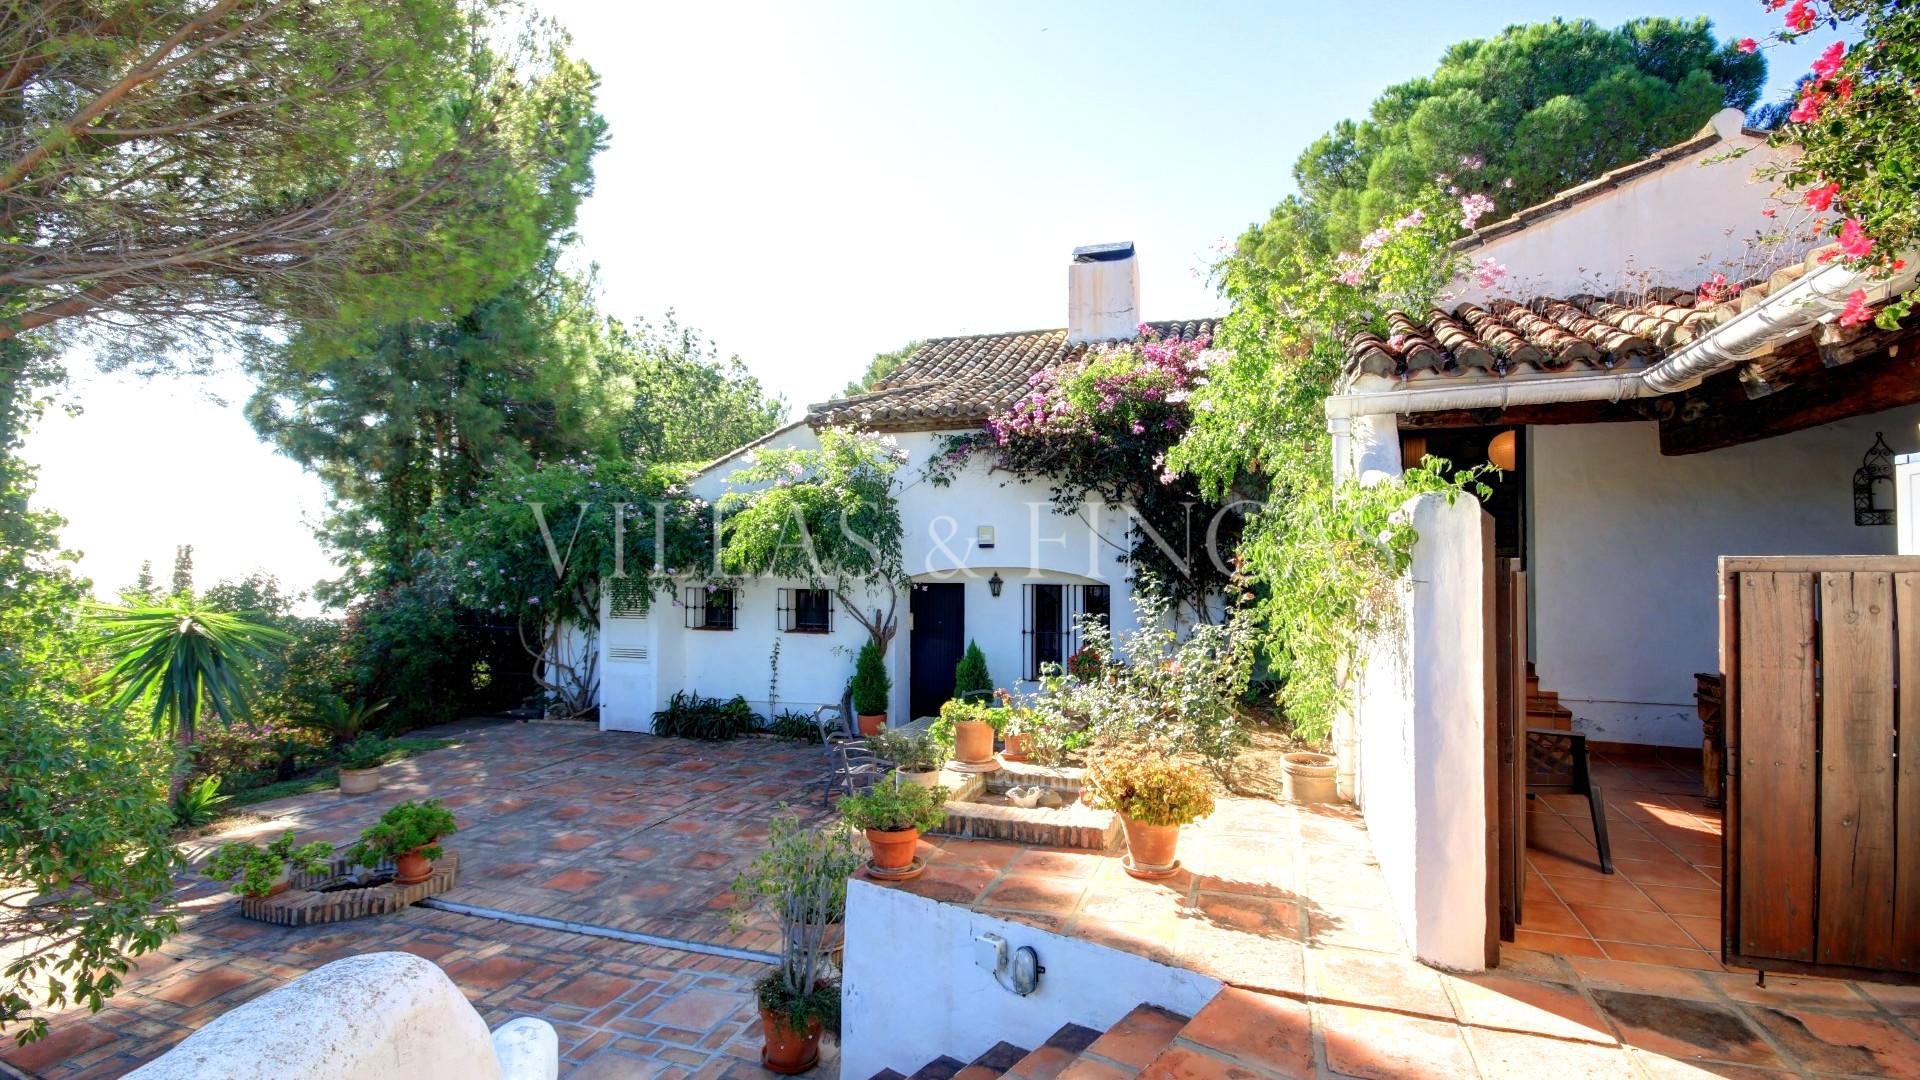 Villa for sale in Los Reales - Sierra Estepona, Estepona